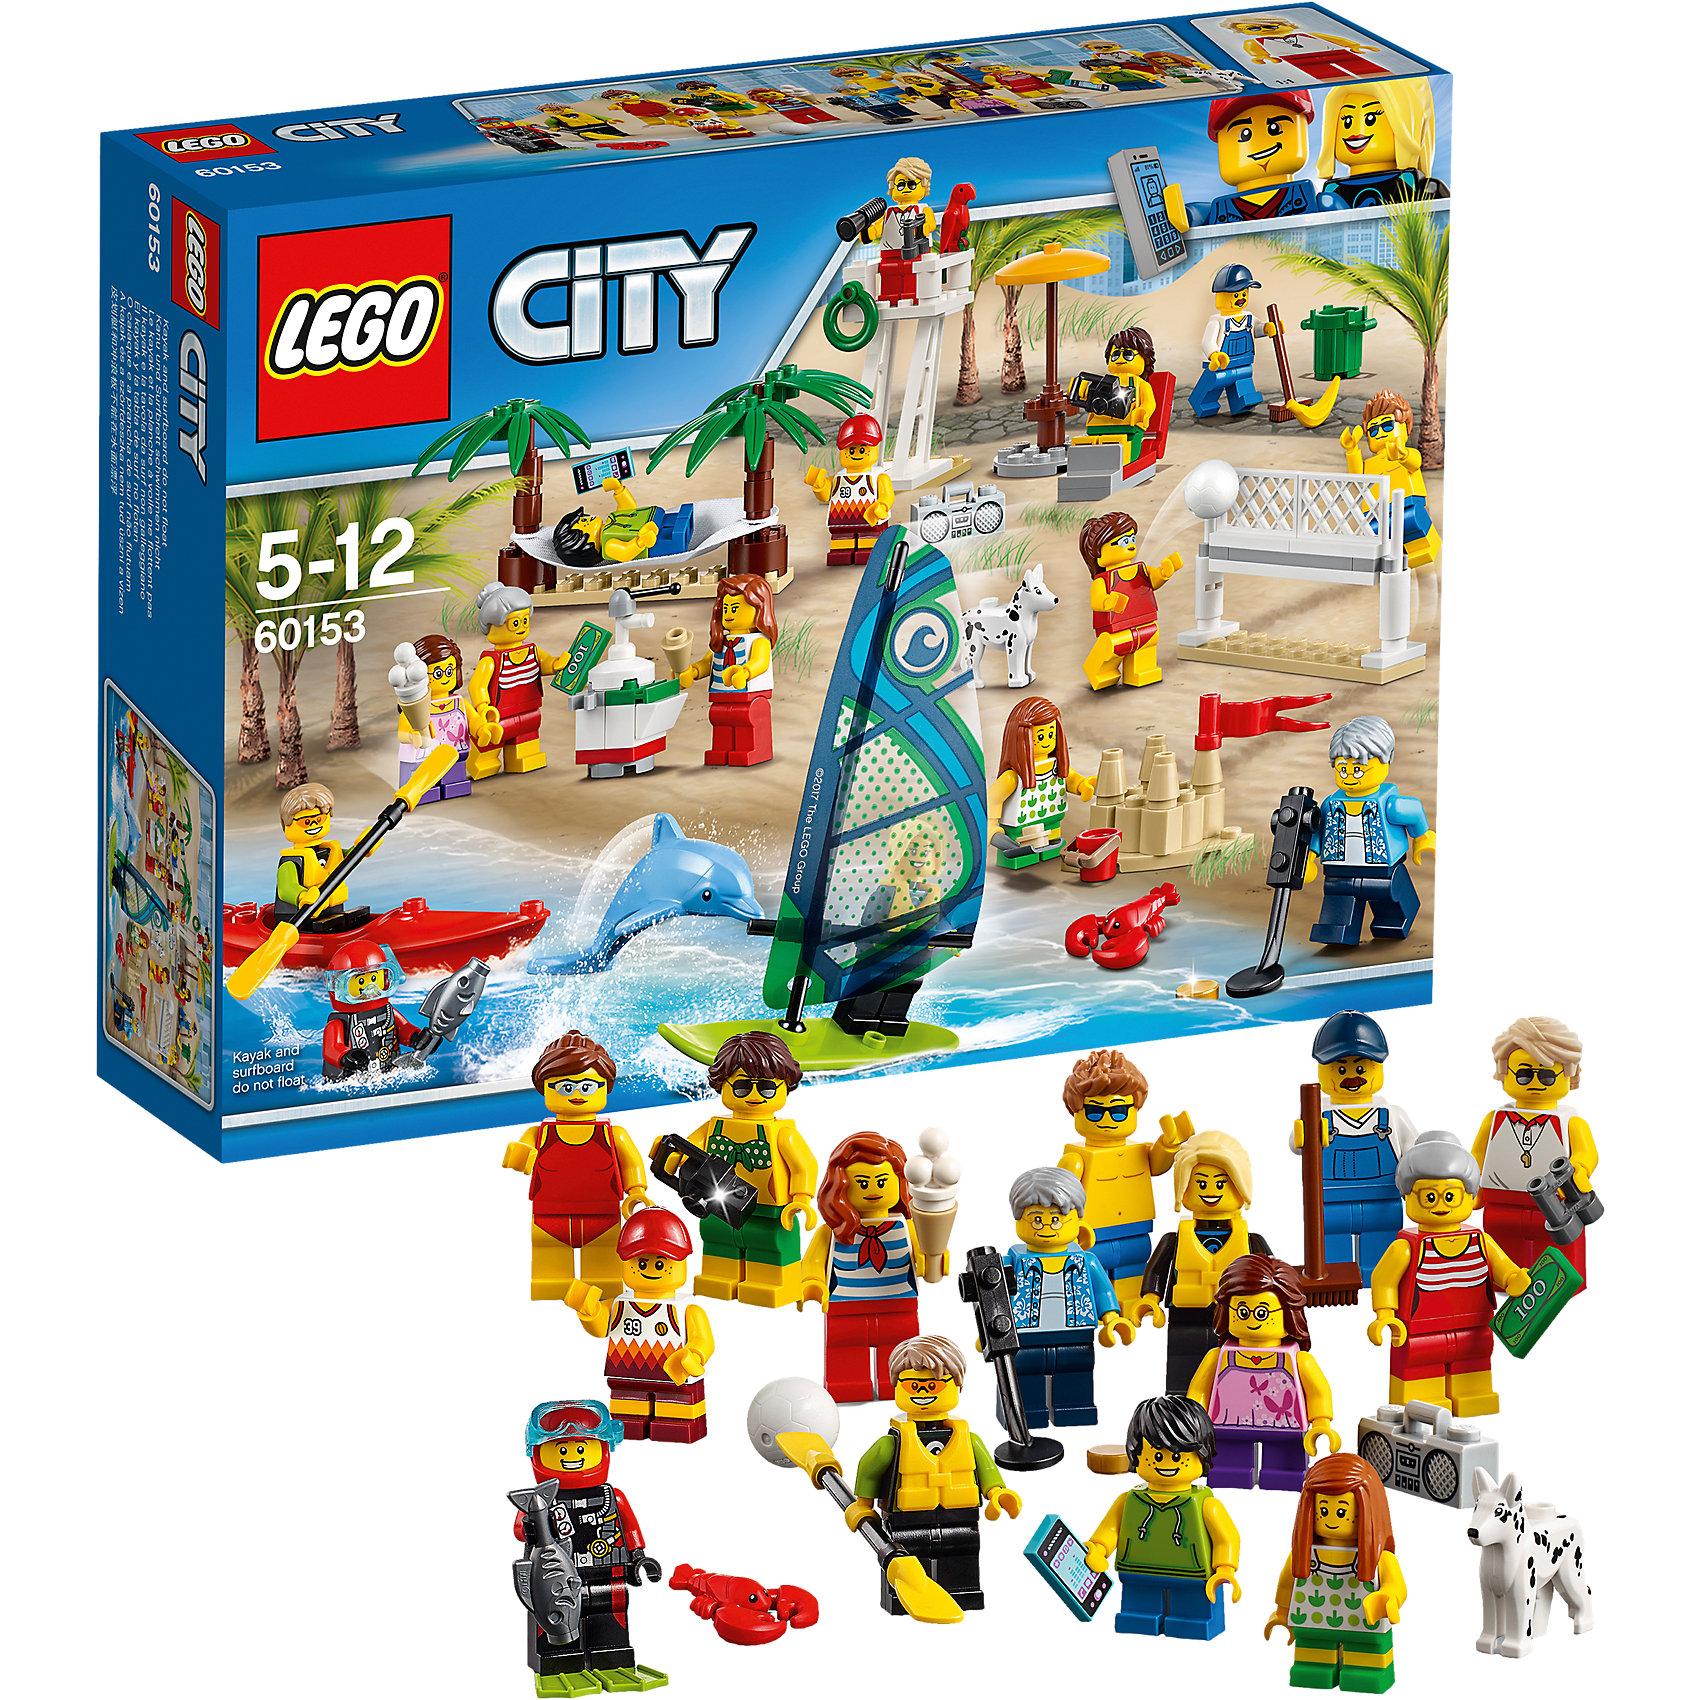 LEGO City 60153: Отдых на пляже - жителиПластмассовые конструкторы<br><br><br>Ширина мм: 263<br>Глубина мм: 192<br>Высота мм: 66<br>Вес г: 290<br>Возраст от месяцев: 60<br>Возраст до месяцев: 144<br>Пол: Мужской<br>Возраст: Детский<br>SKU: 5620032